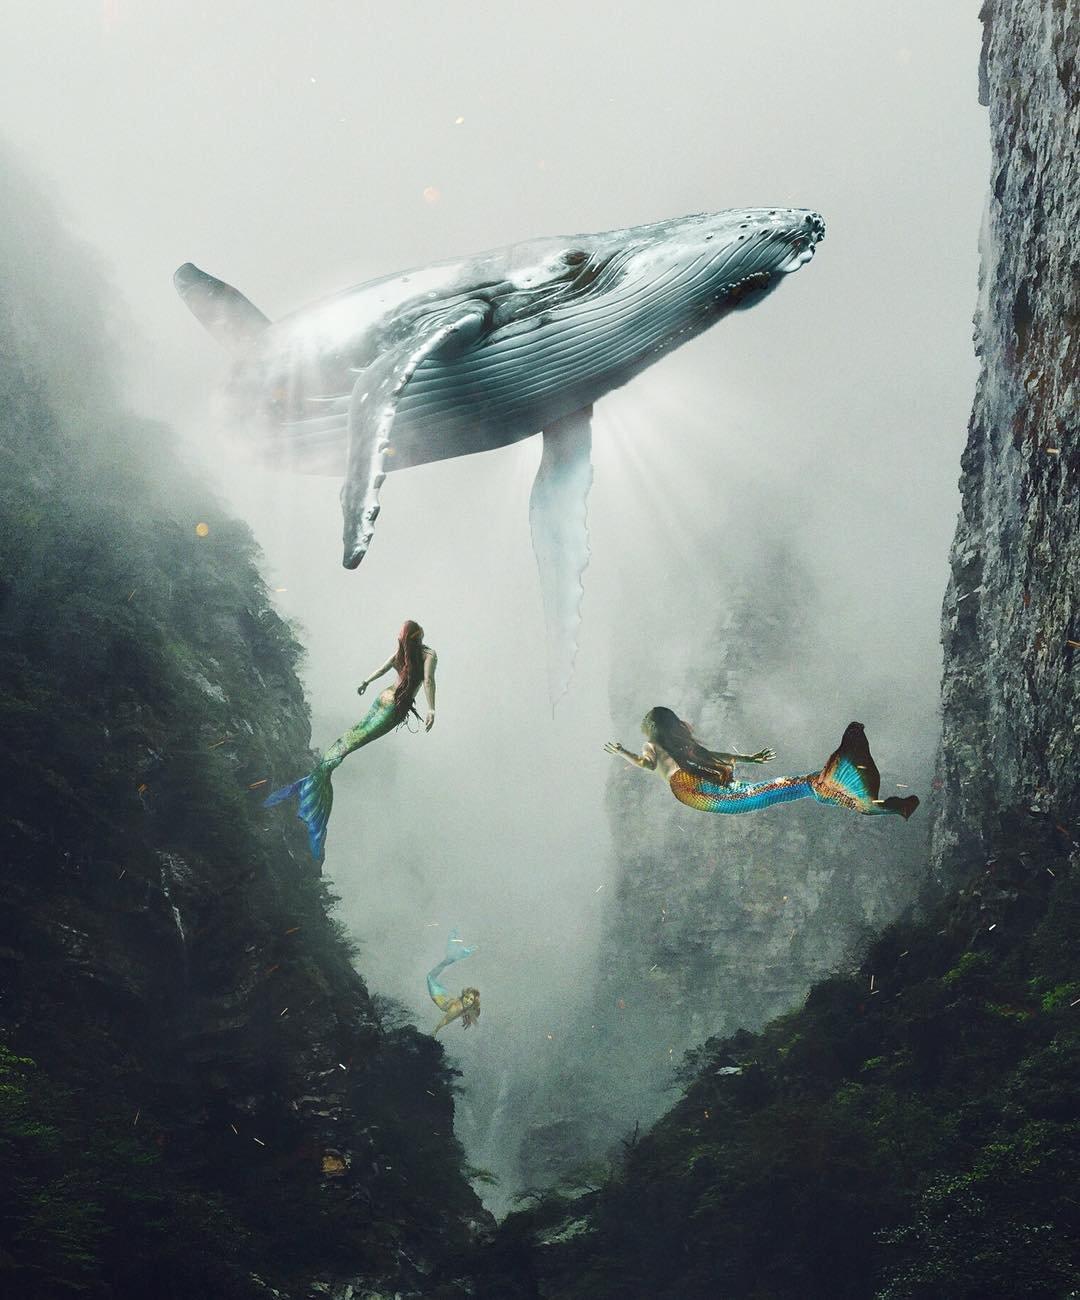 Сюрреалистические изображения художника Хюсейна Шахин